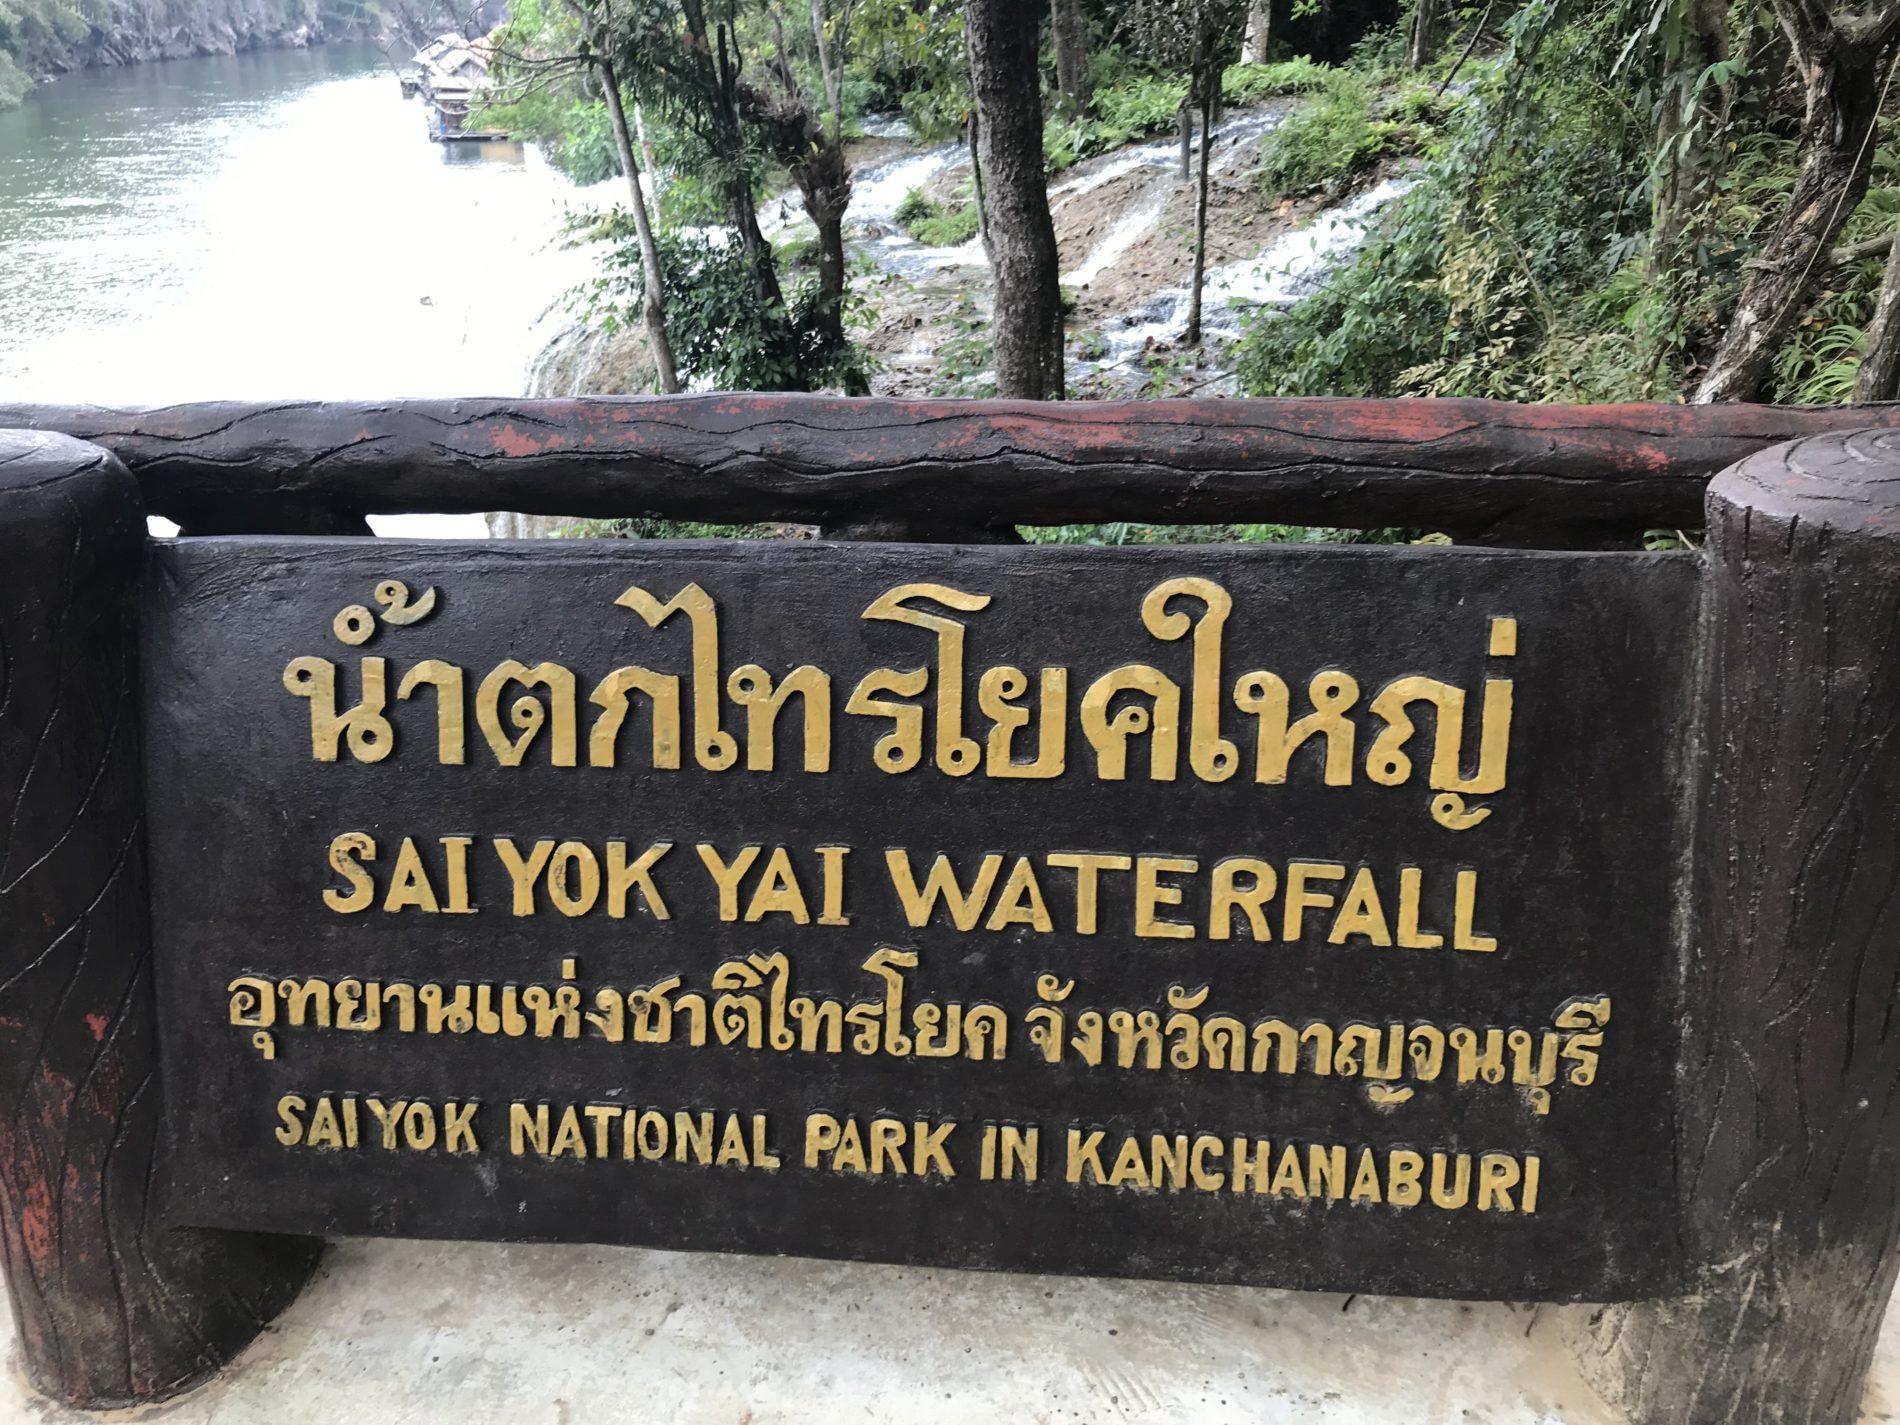 サイヨーク国立公園 サイヨークヤイの滝